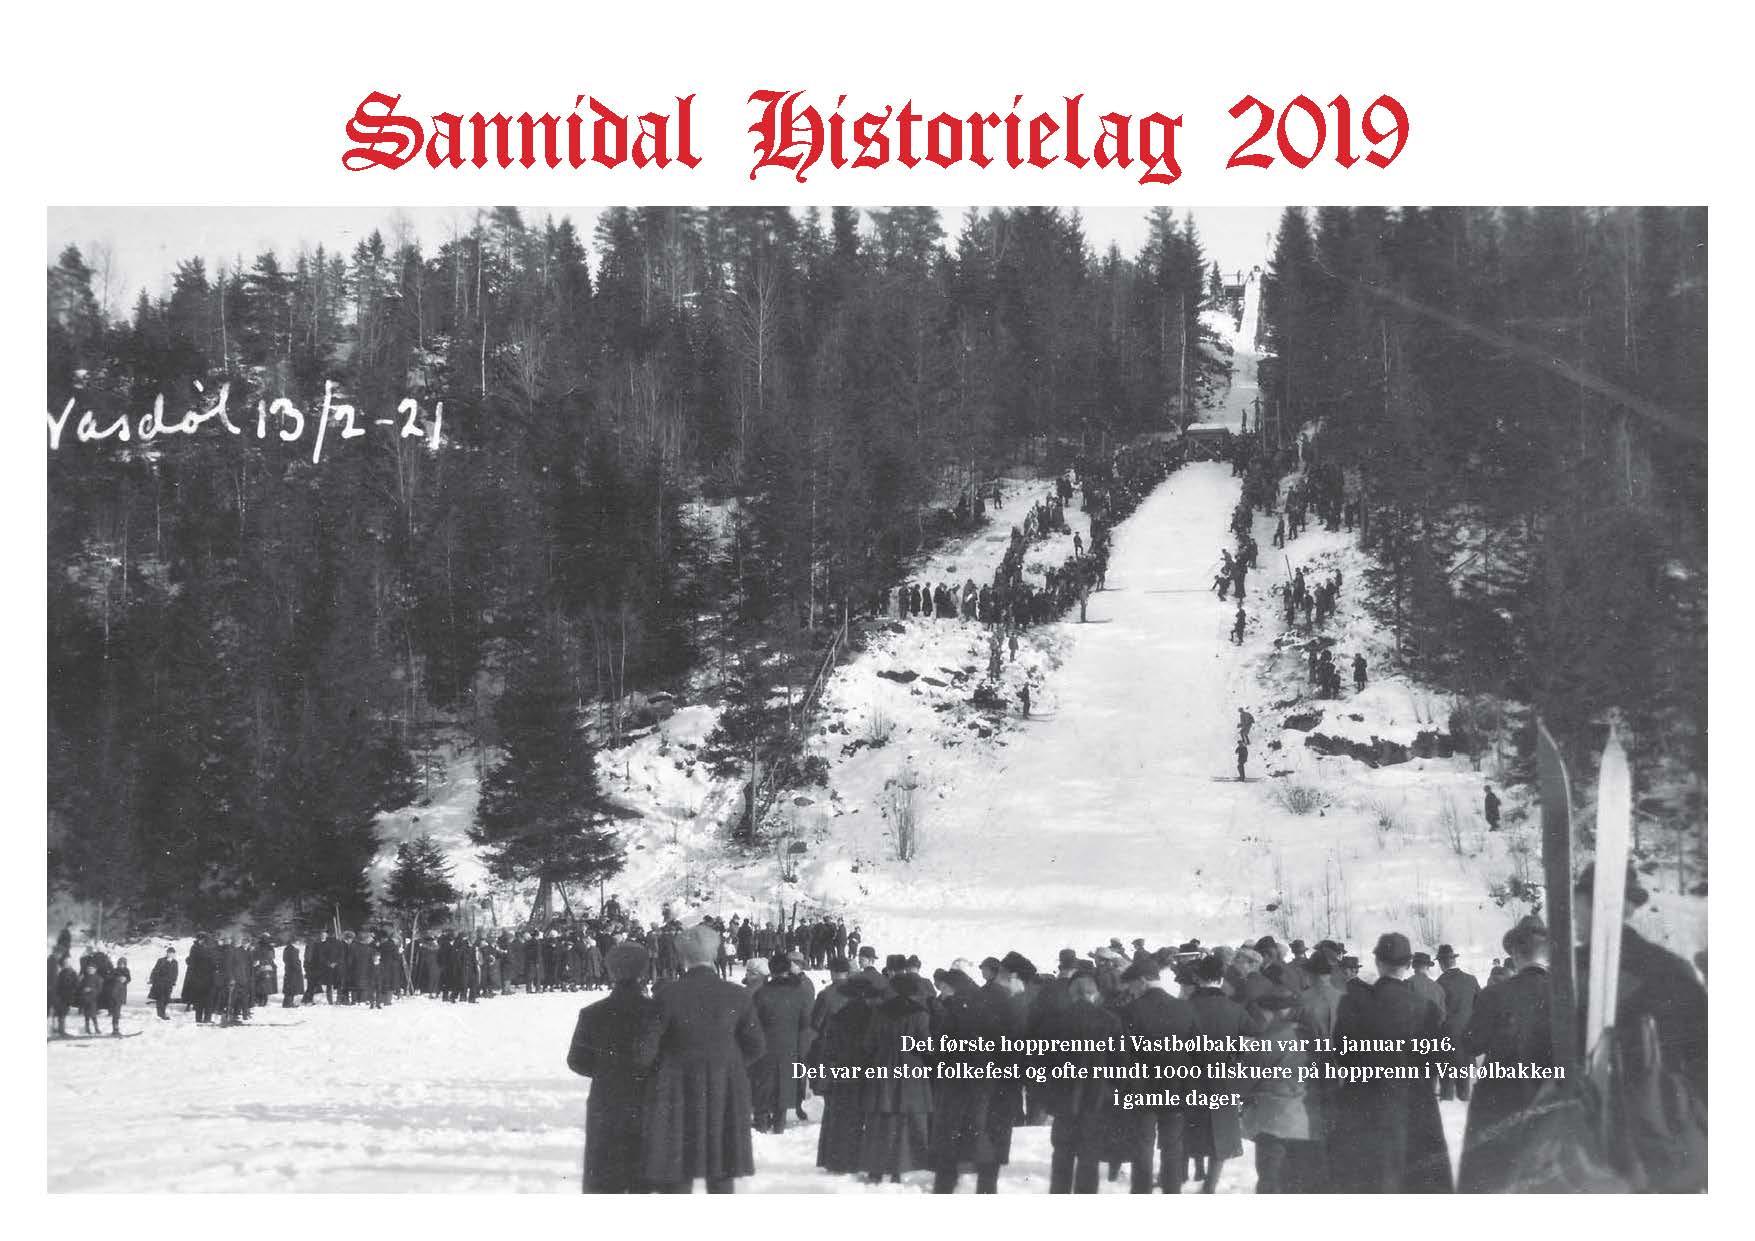 Års kalender 2019